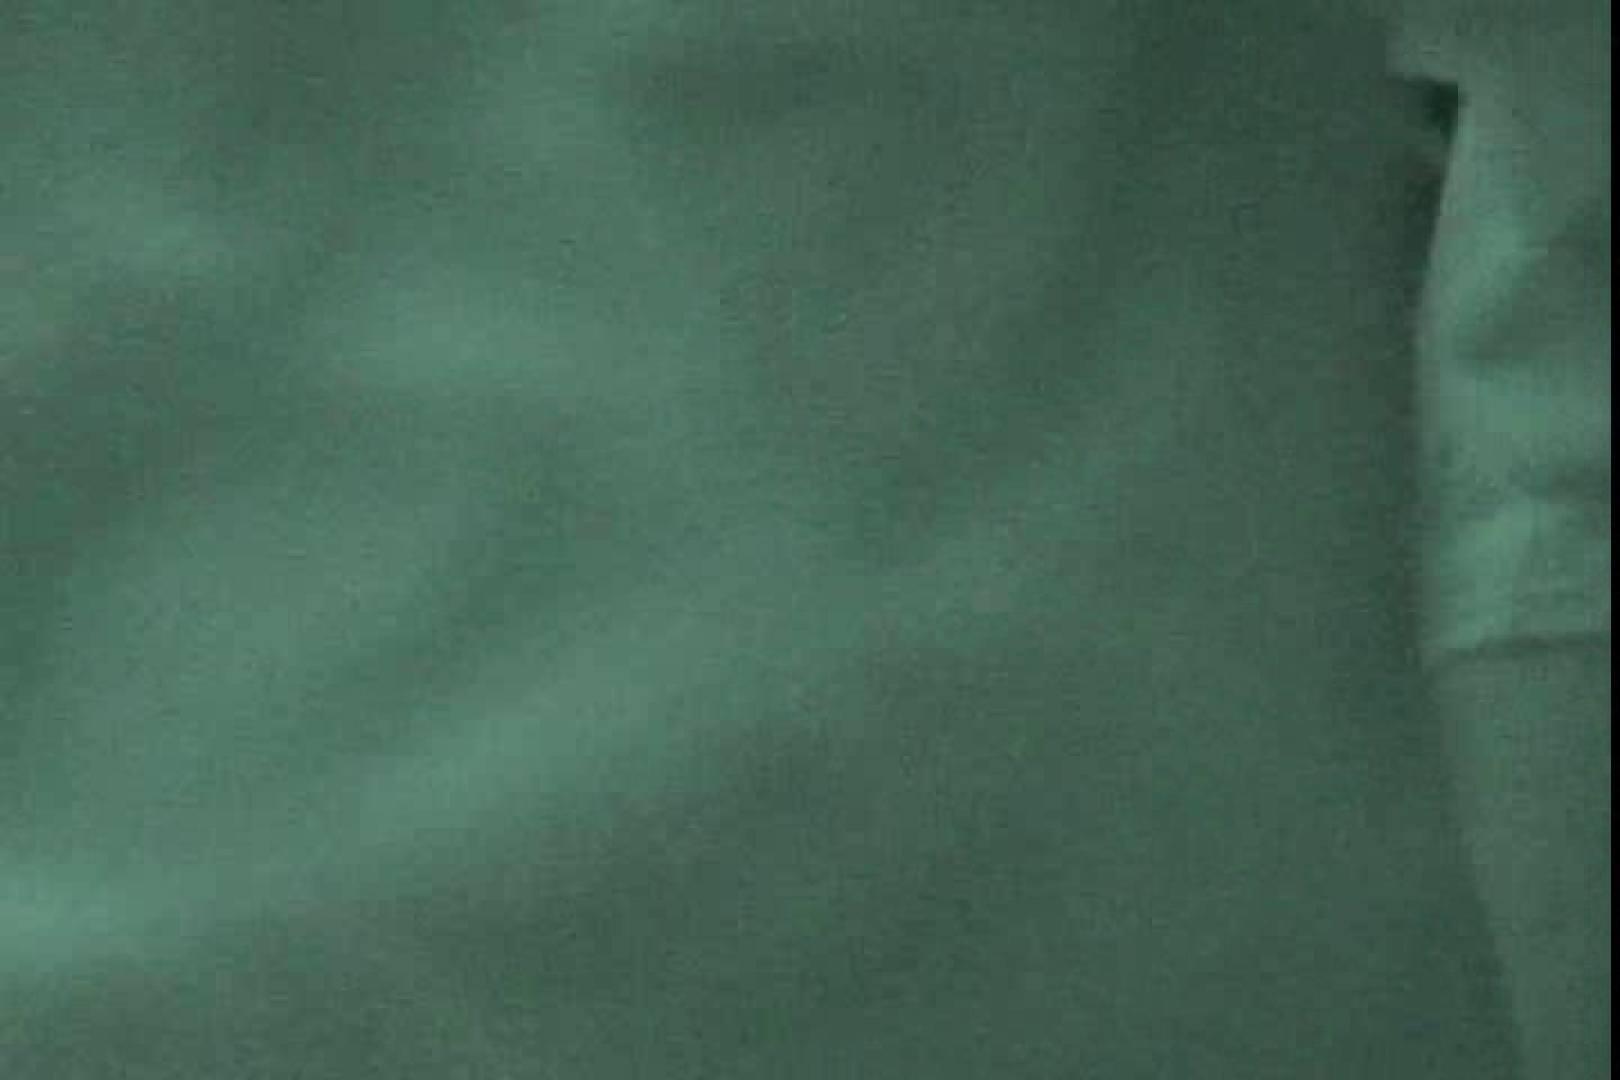 赤外線ムレスケバレー(汗) vol.02 アスリート | 美しいOLの裸体  93pic 43